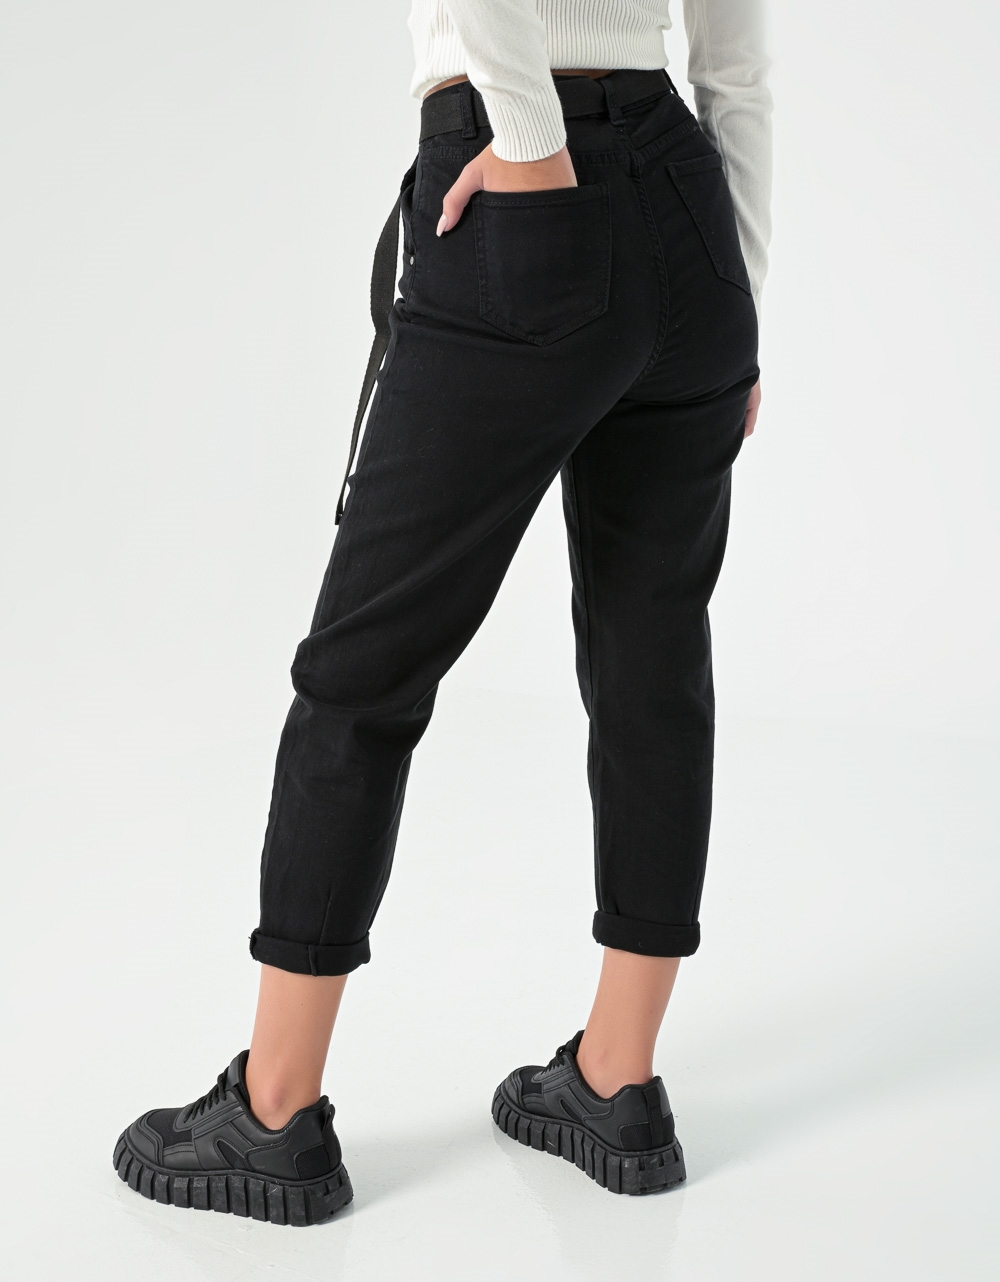 Εικόνα από Γυναικείο παντελόνι mom's fit με ζώνη Μαύρο